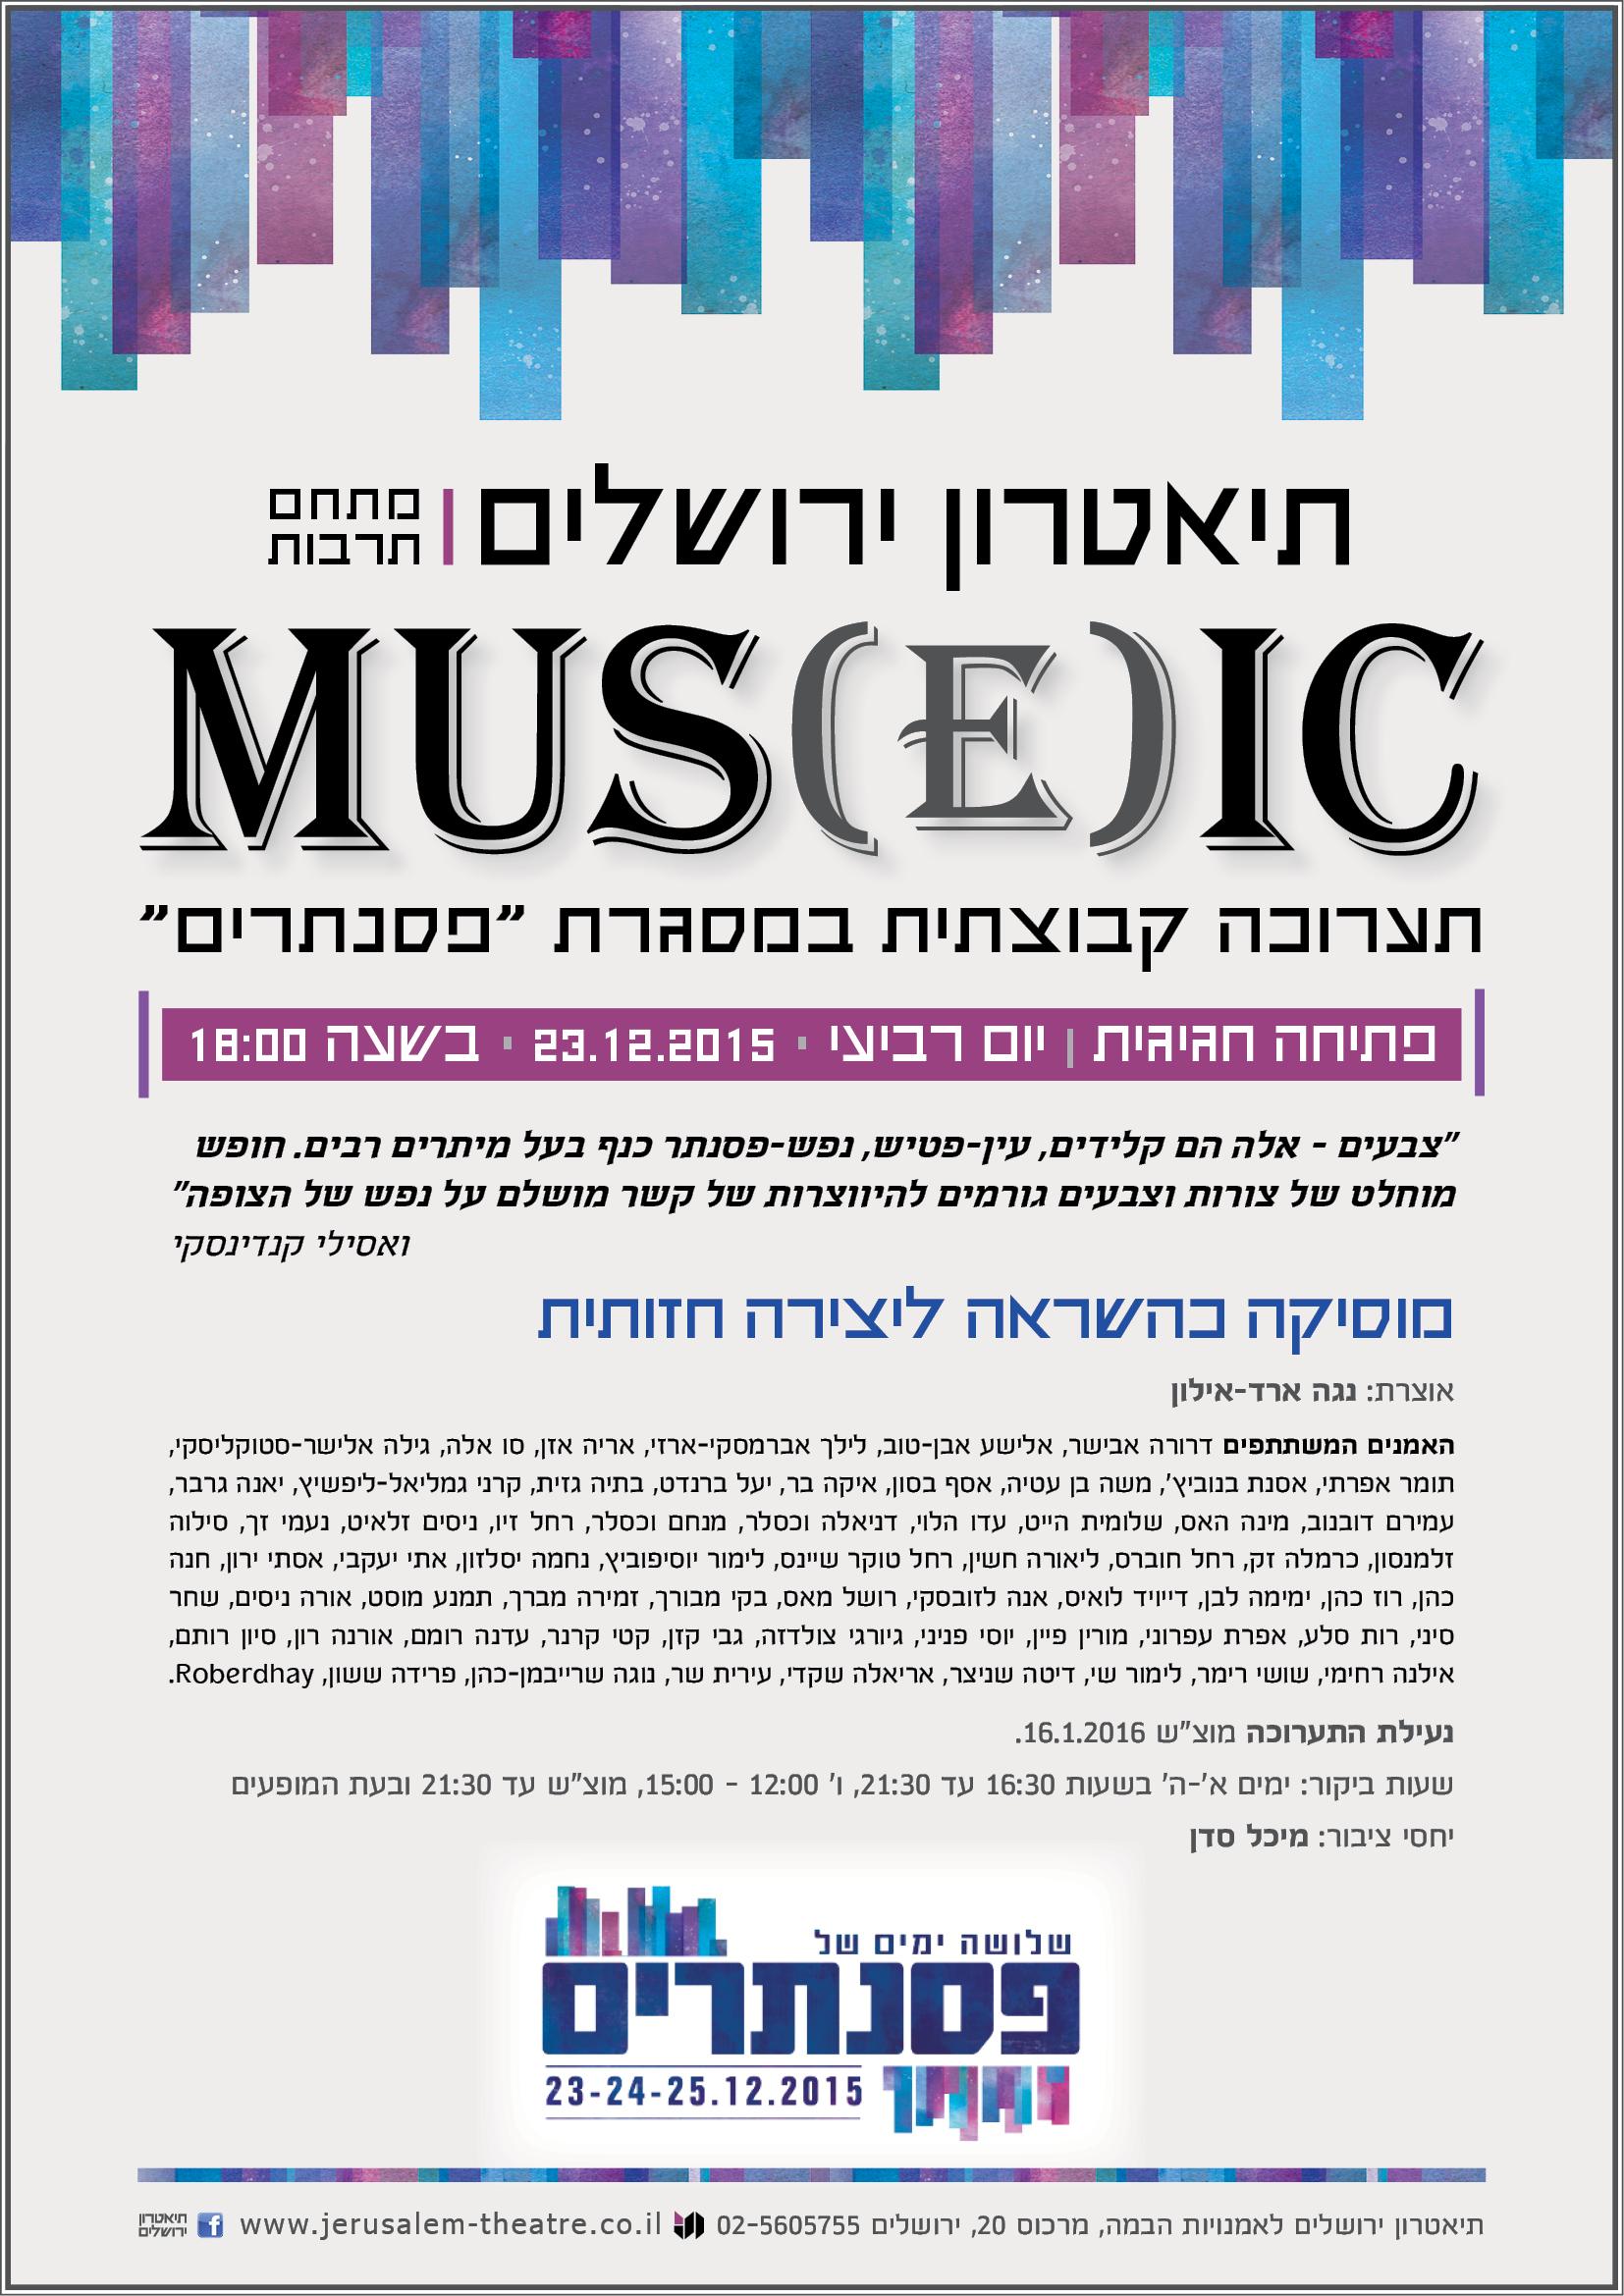 הזמנה לפתיחה של פסטיבל הפסנתרים - תיאטרון ירושלים, 2015